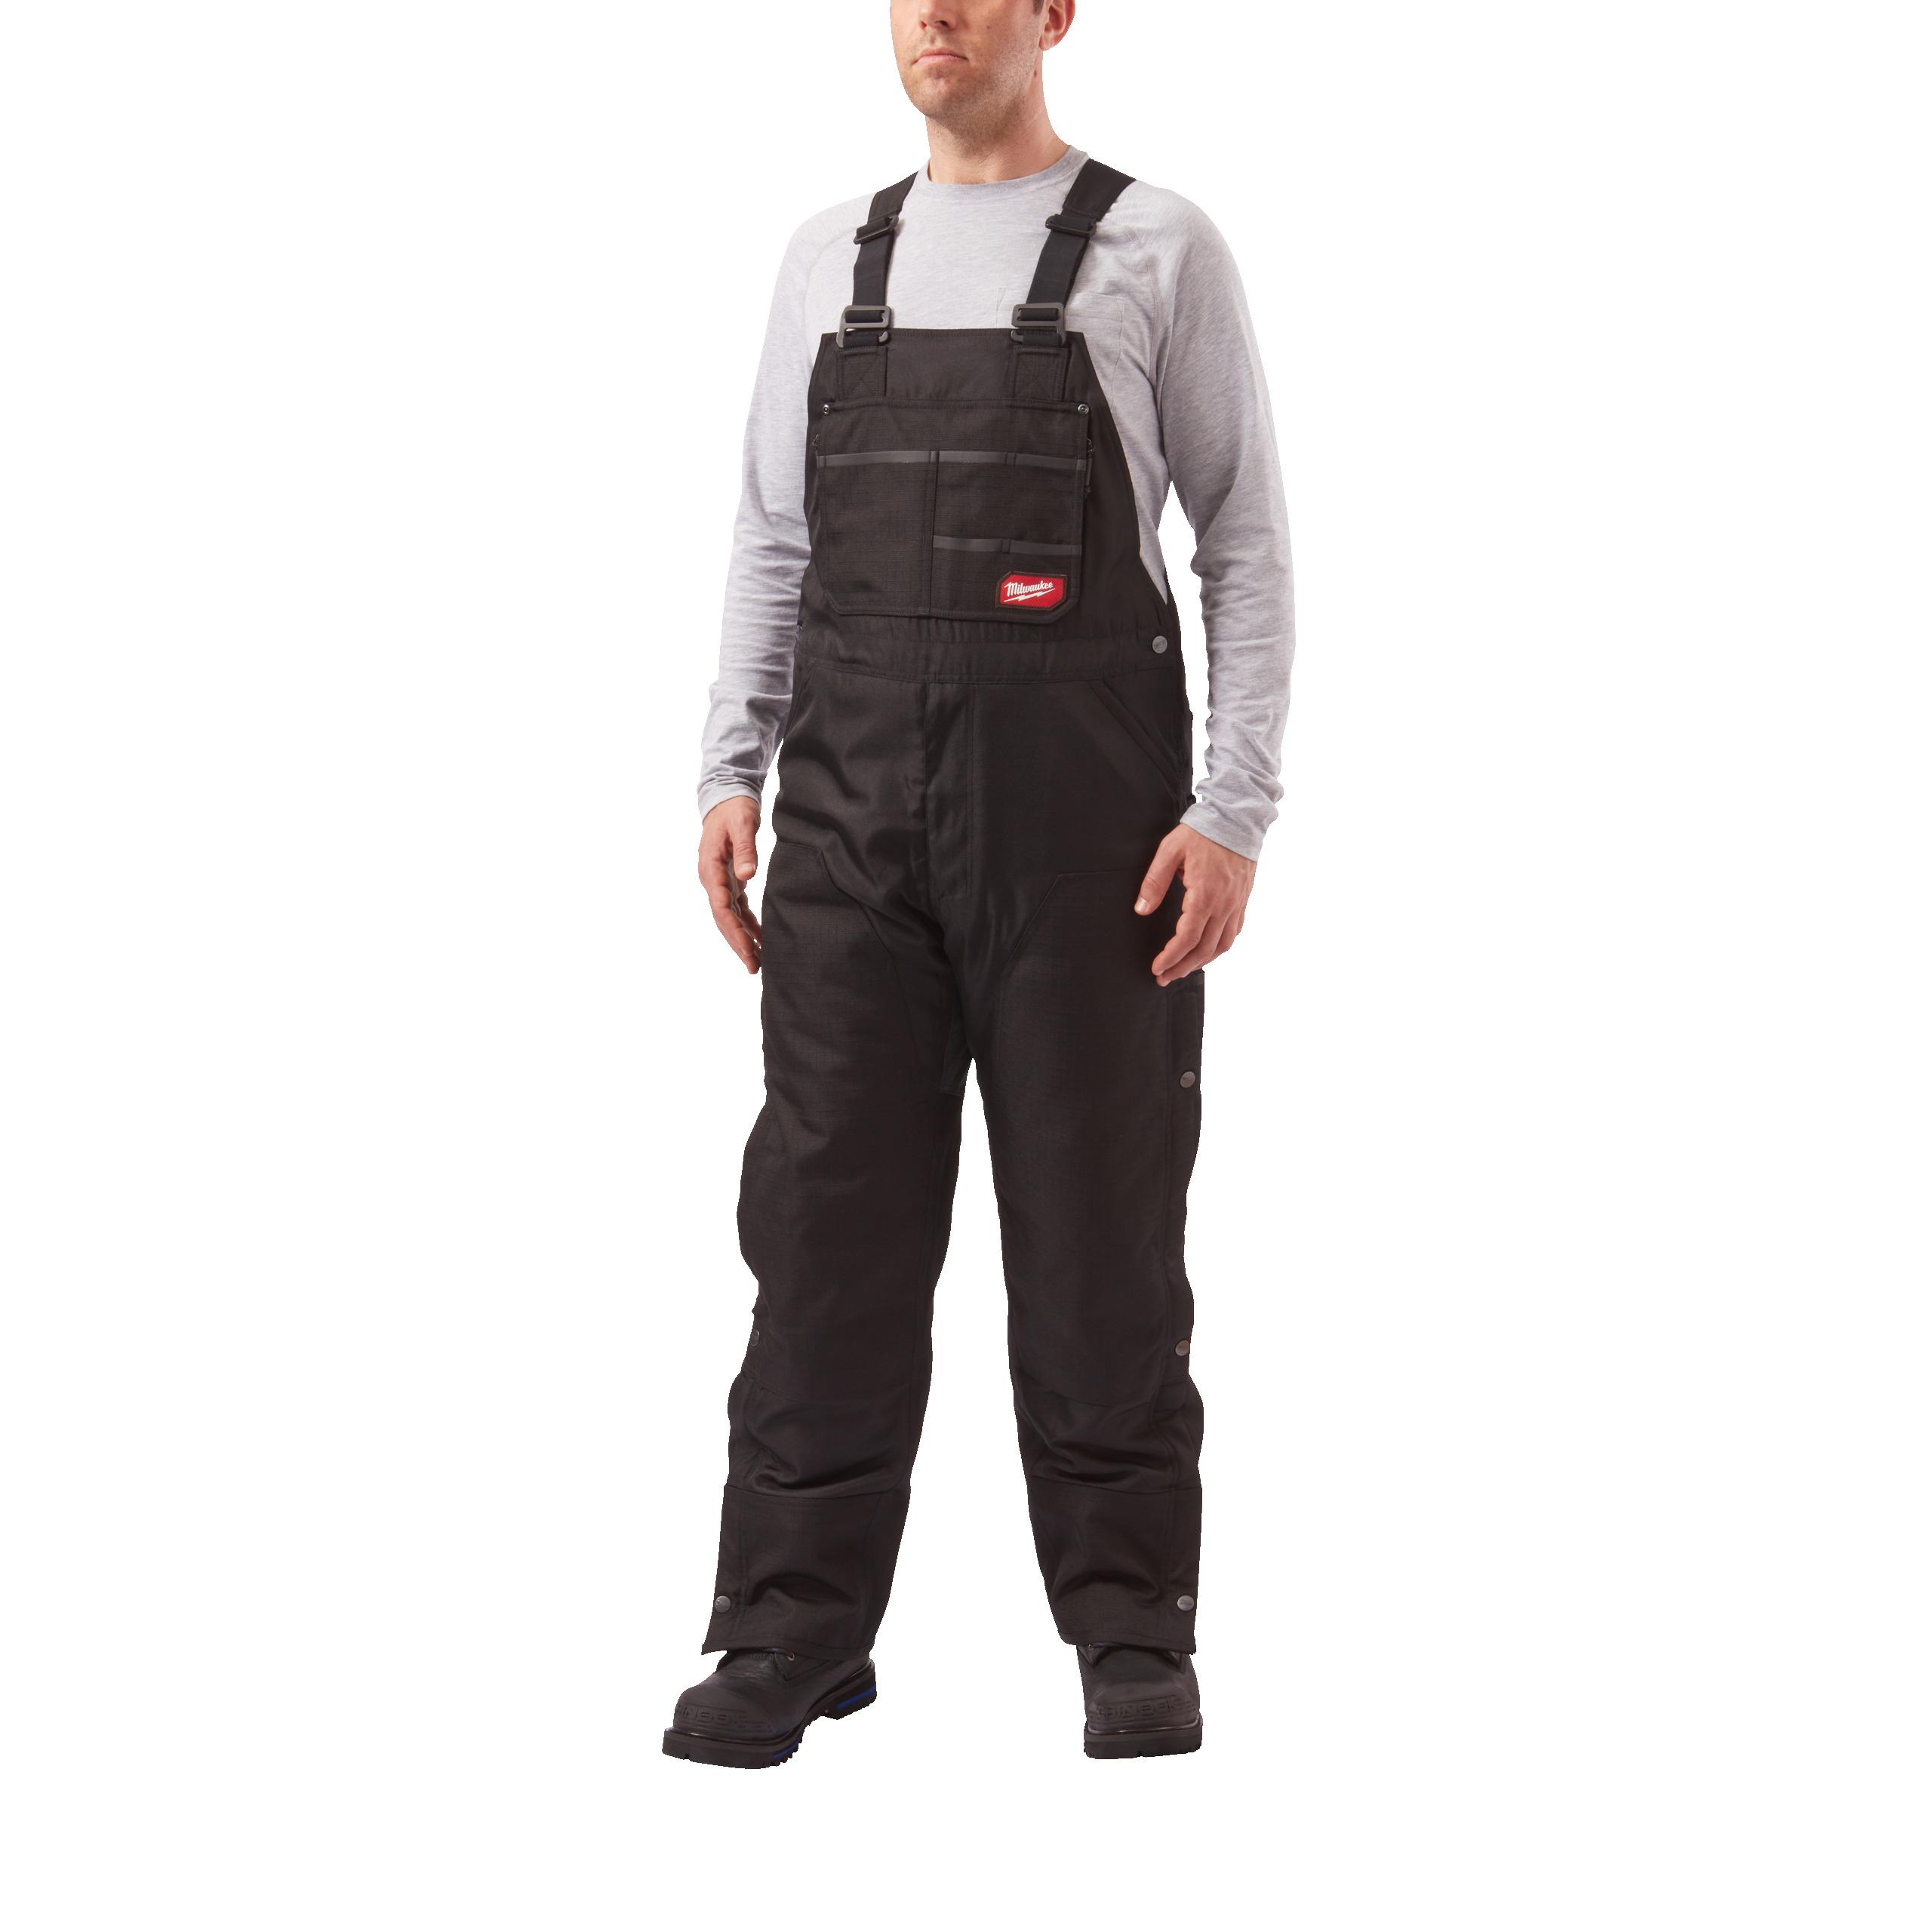 Pracovní kalhoty Gridiron™